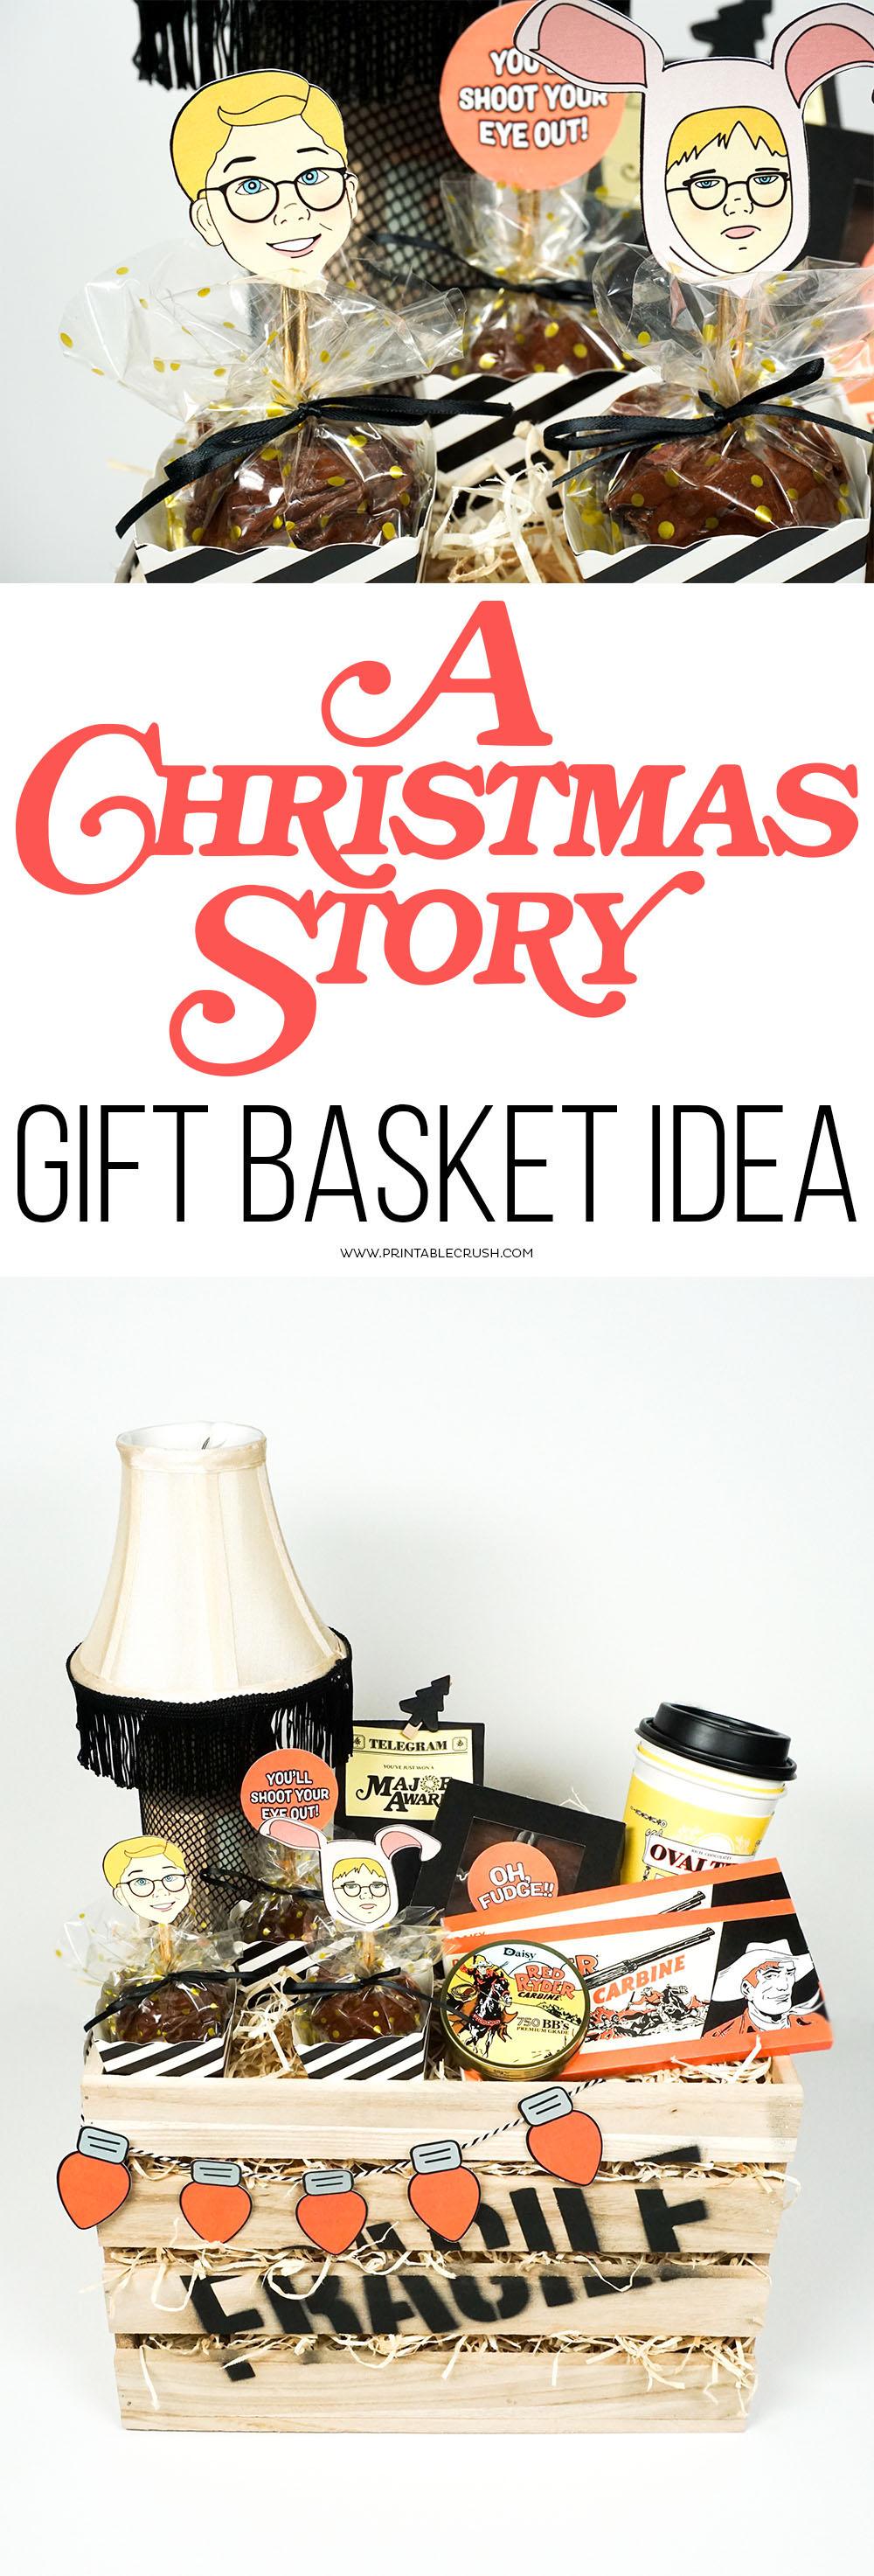 A Christmas Story Gift Basket Idea - Printable Crush